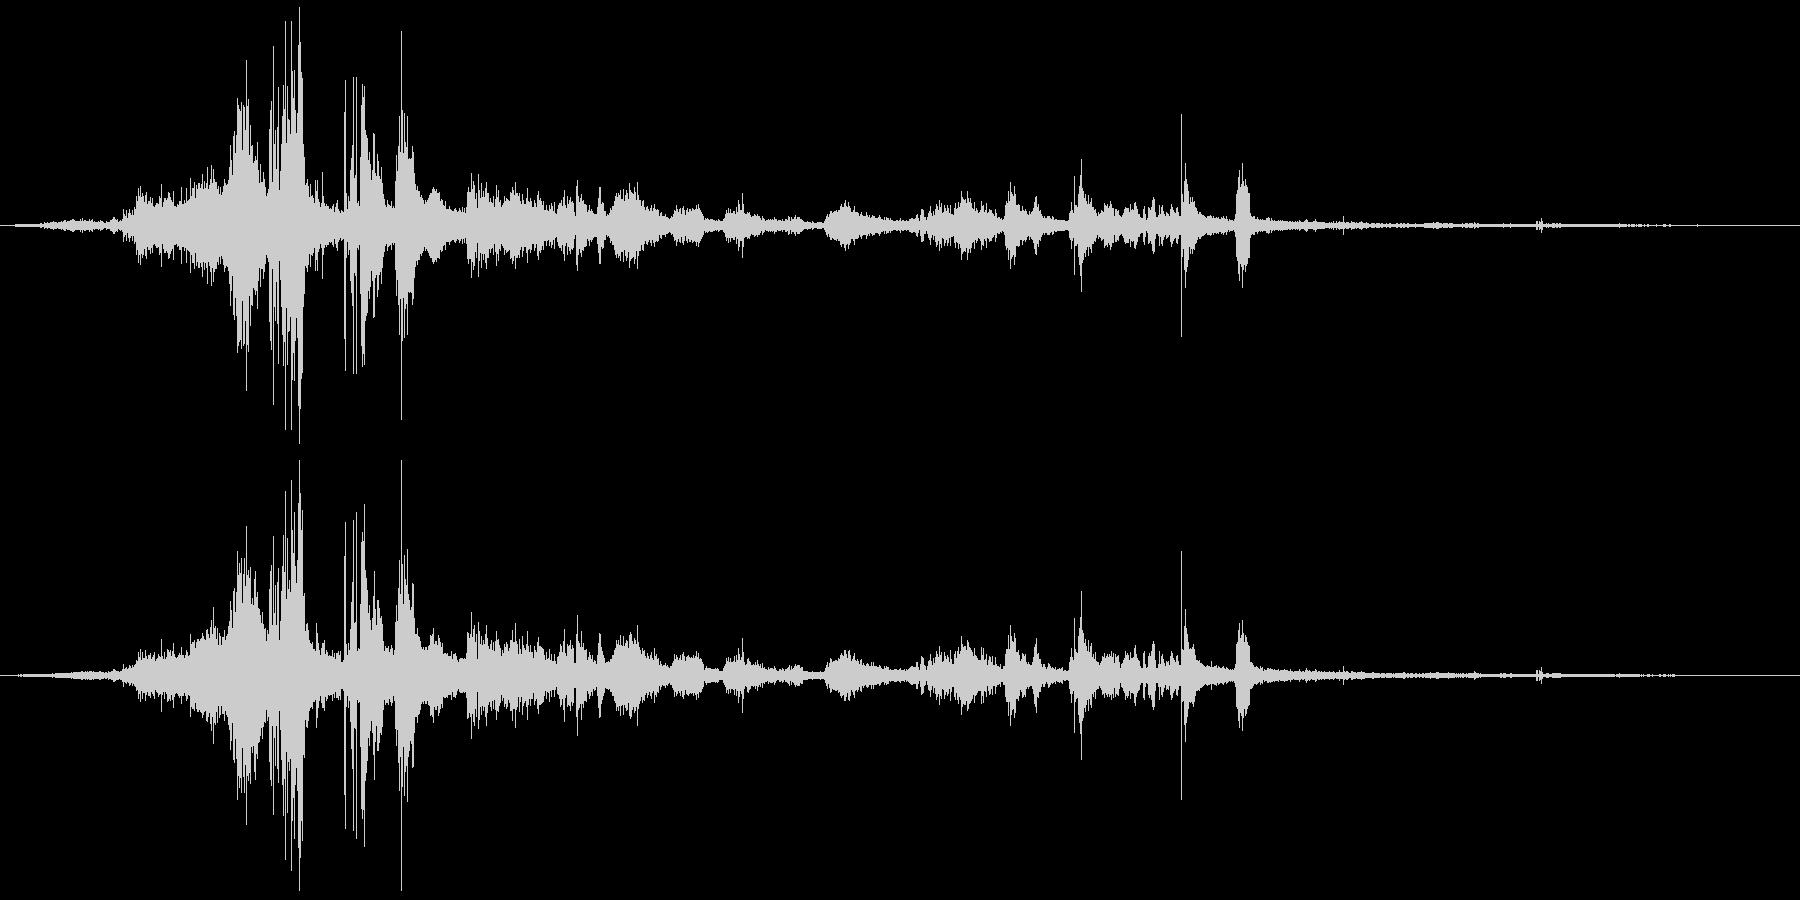 フライングキャメルマヌーバー、スポ...の未再生の波形